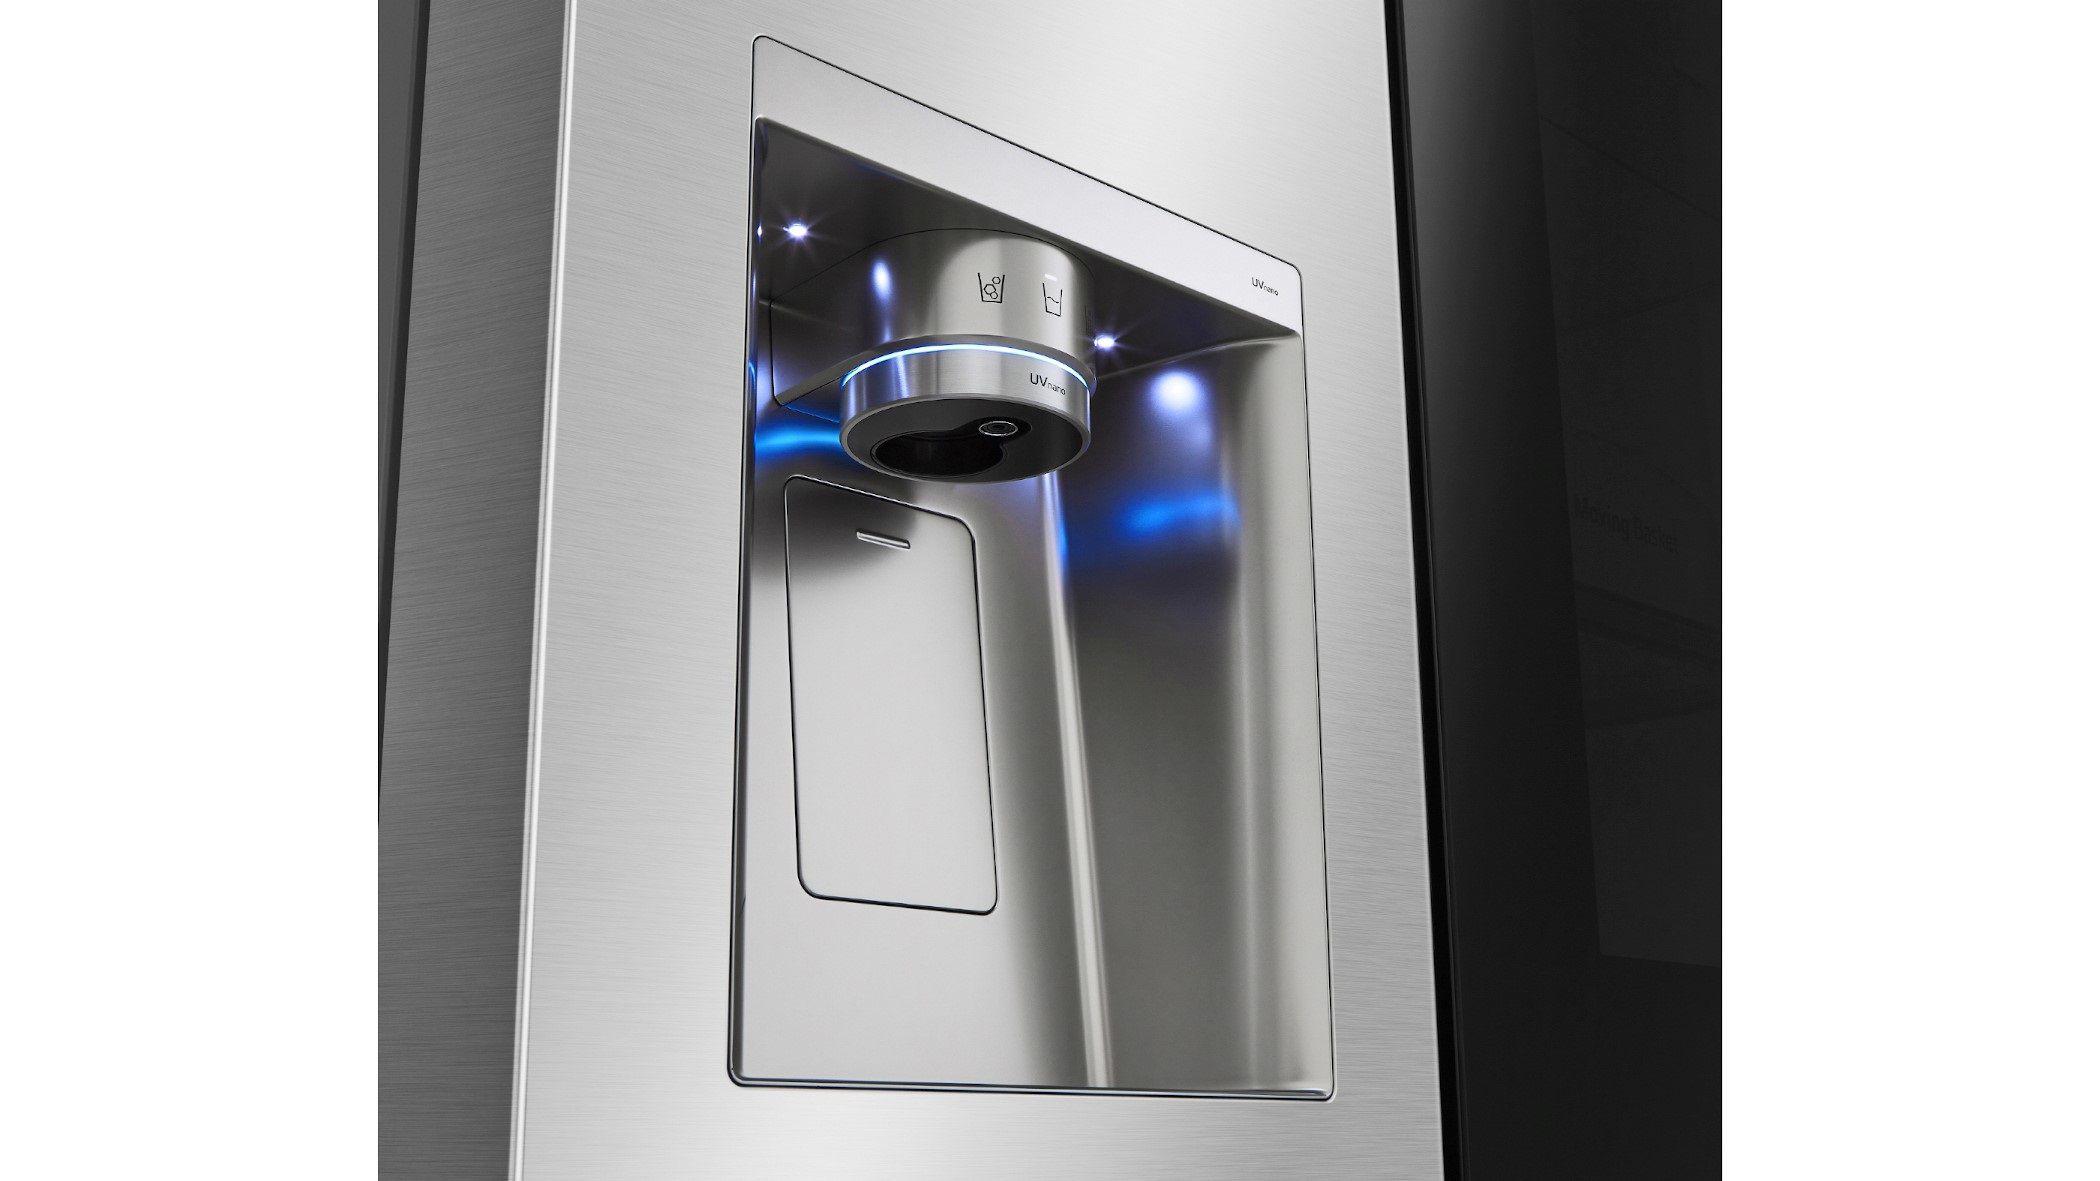 Heladera Instaview con la tecnología UVnano para desinfectar el dispensador de agua